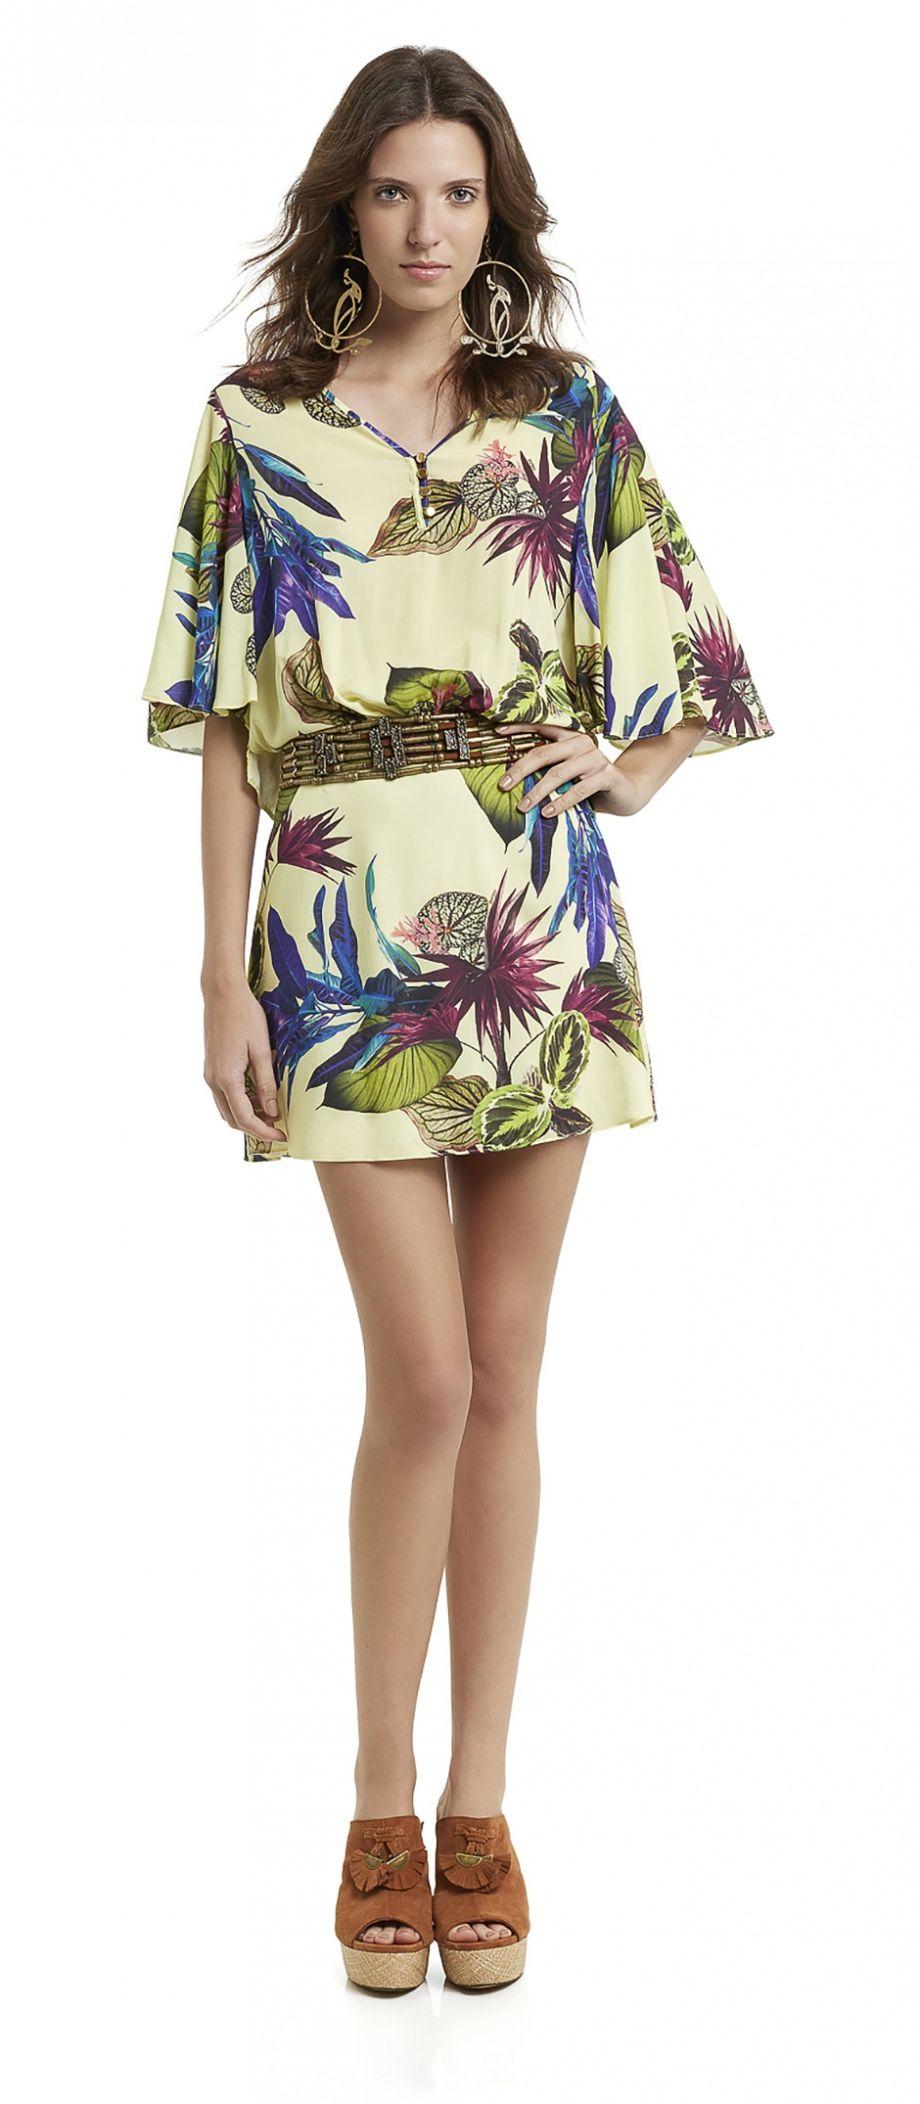 dc96c188d435 vestido curto decote v com botões manga até os cotovelos soltinha estampado  floral botanico